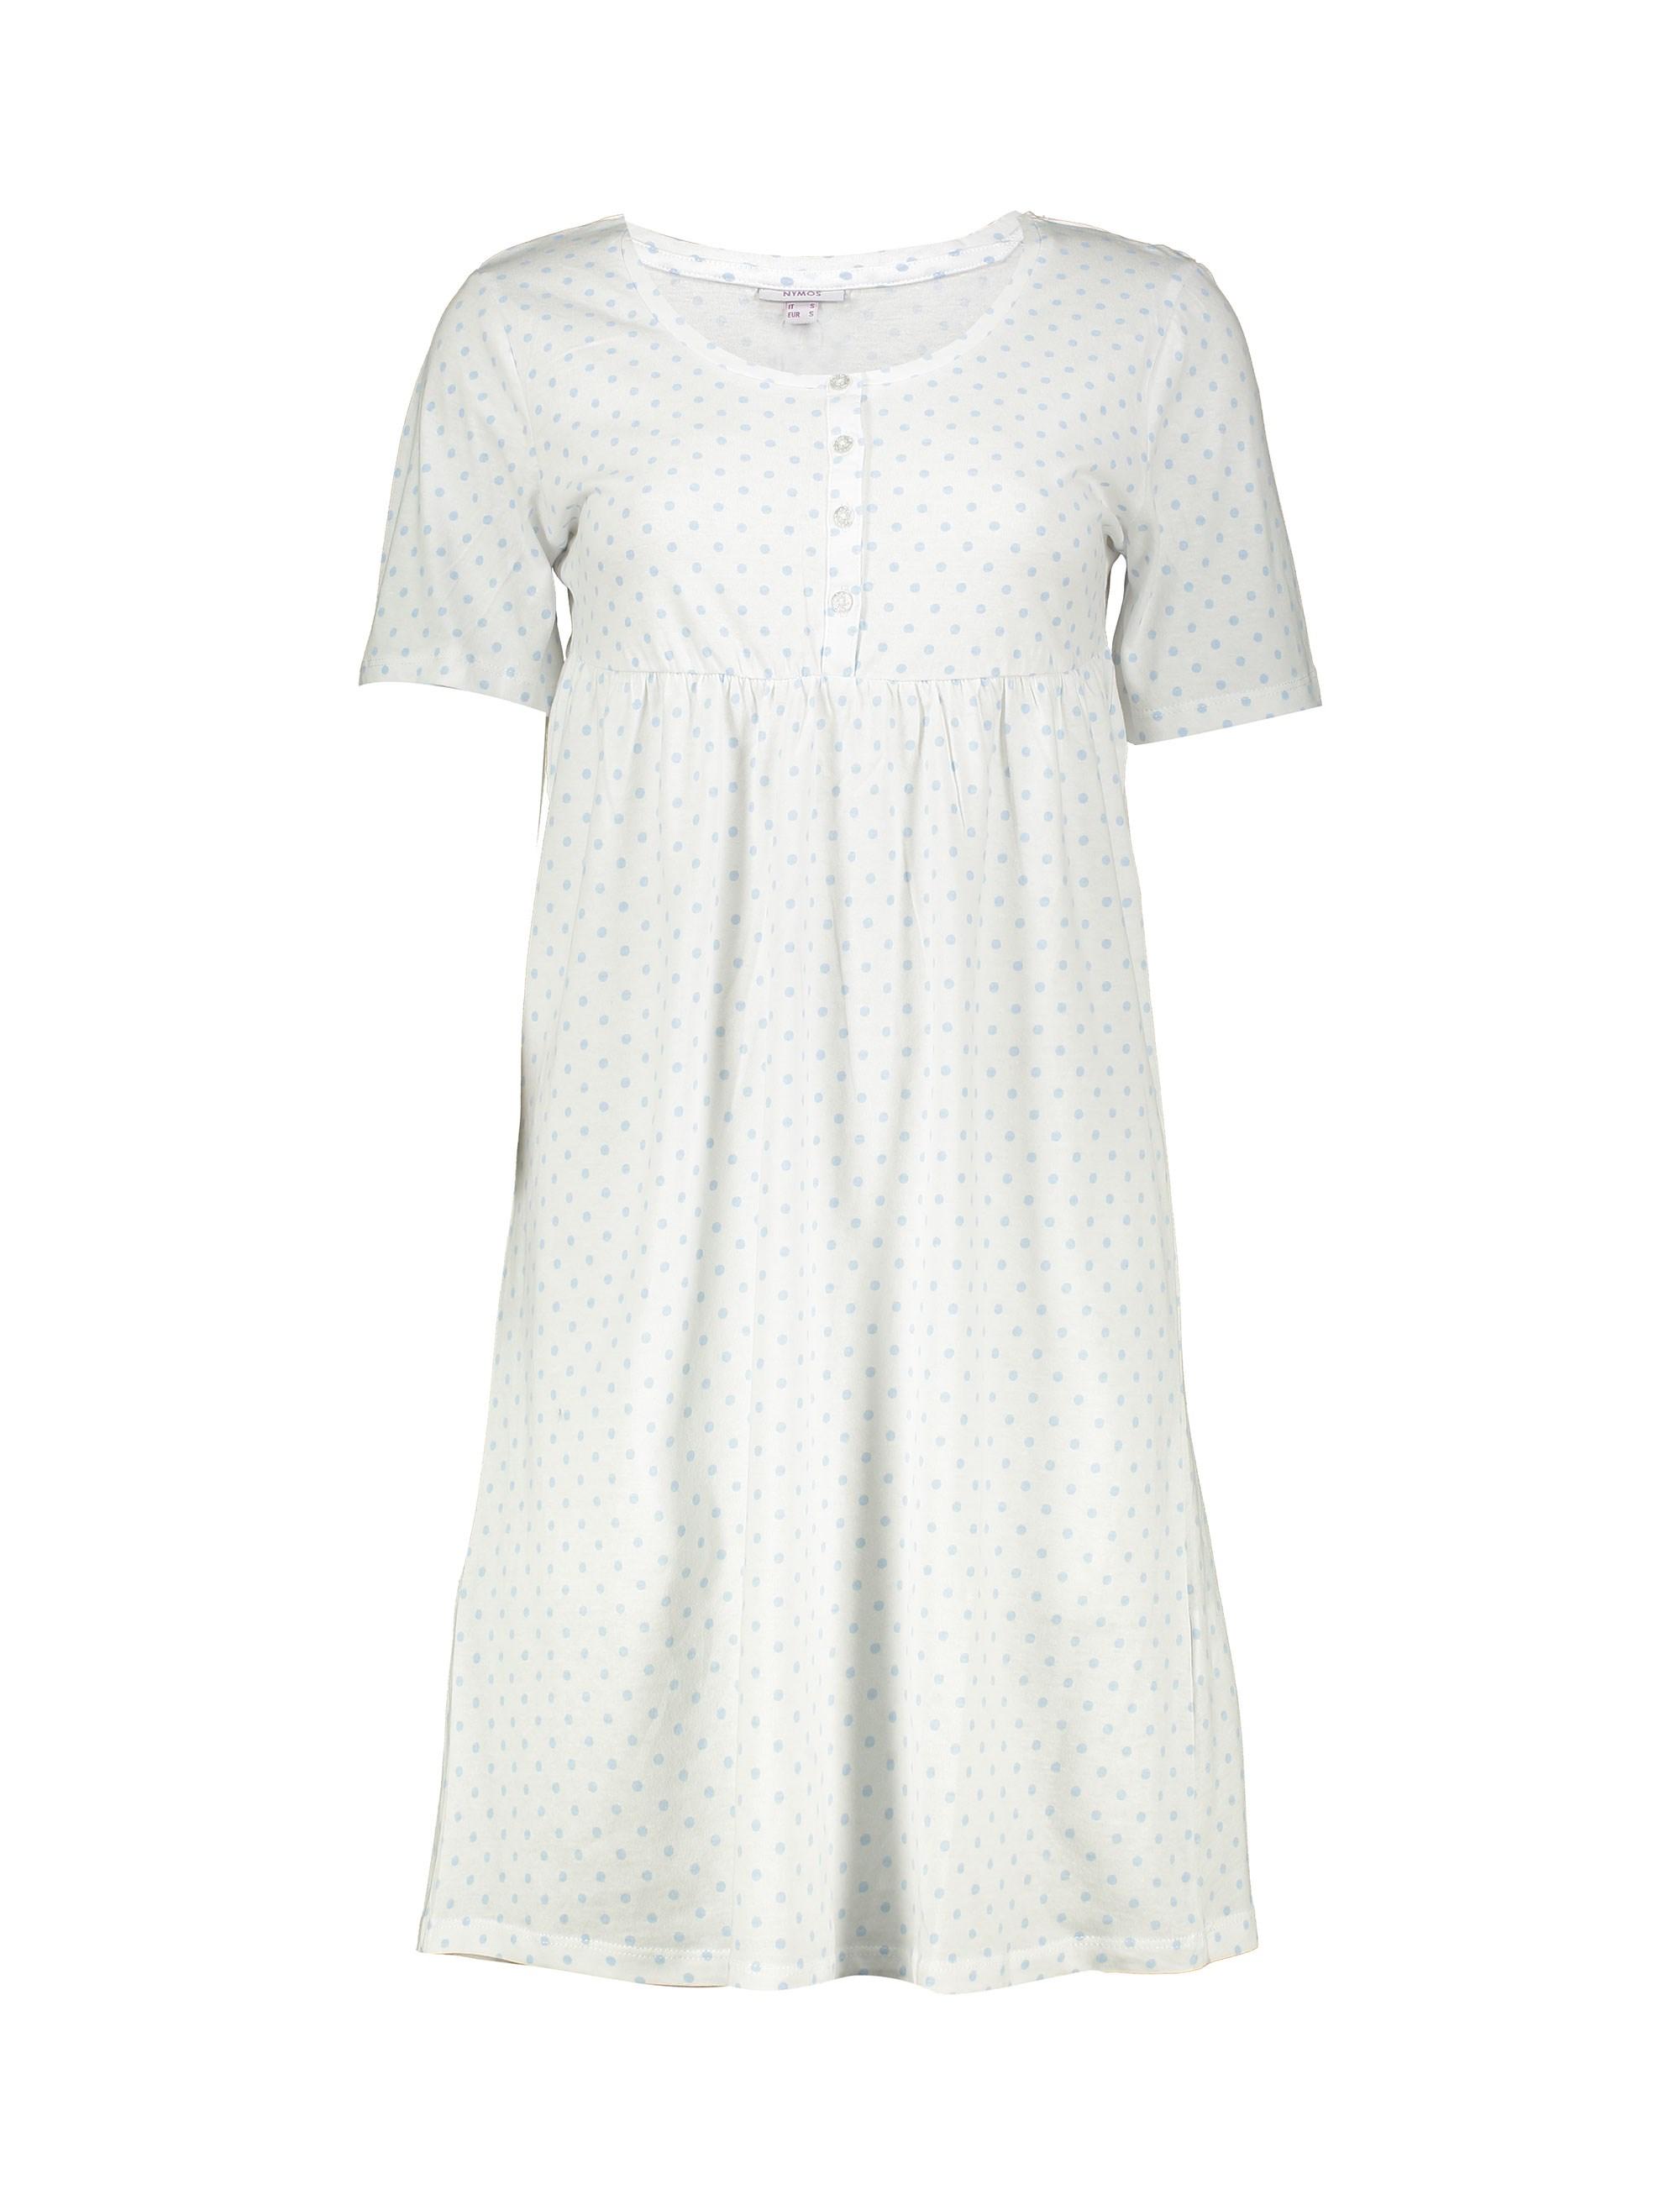 پیراهن خواب کوتاه زنانه - یوپیم              👗